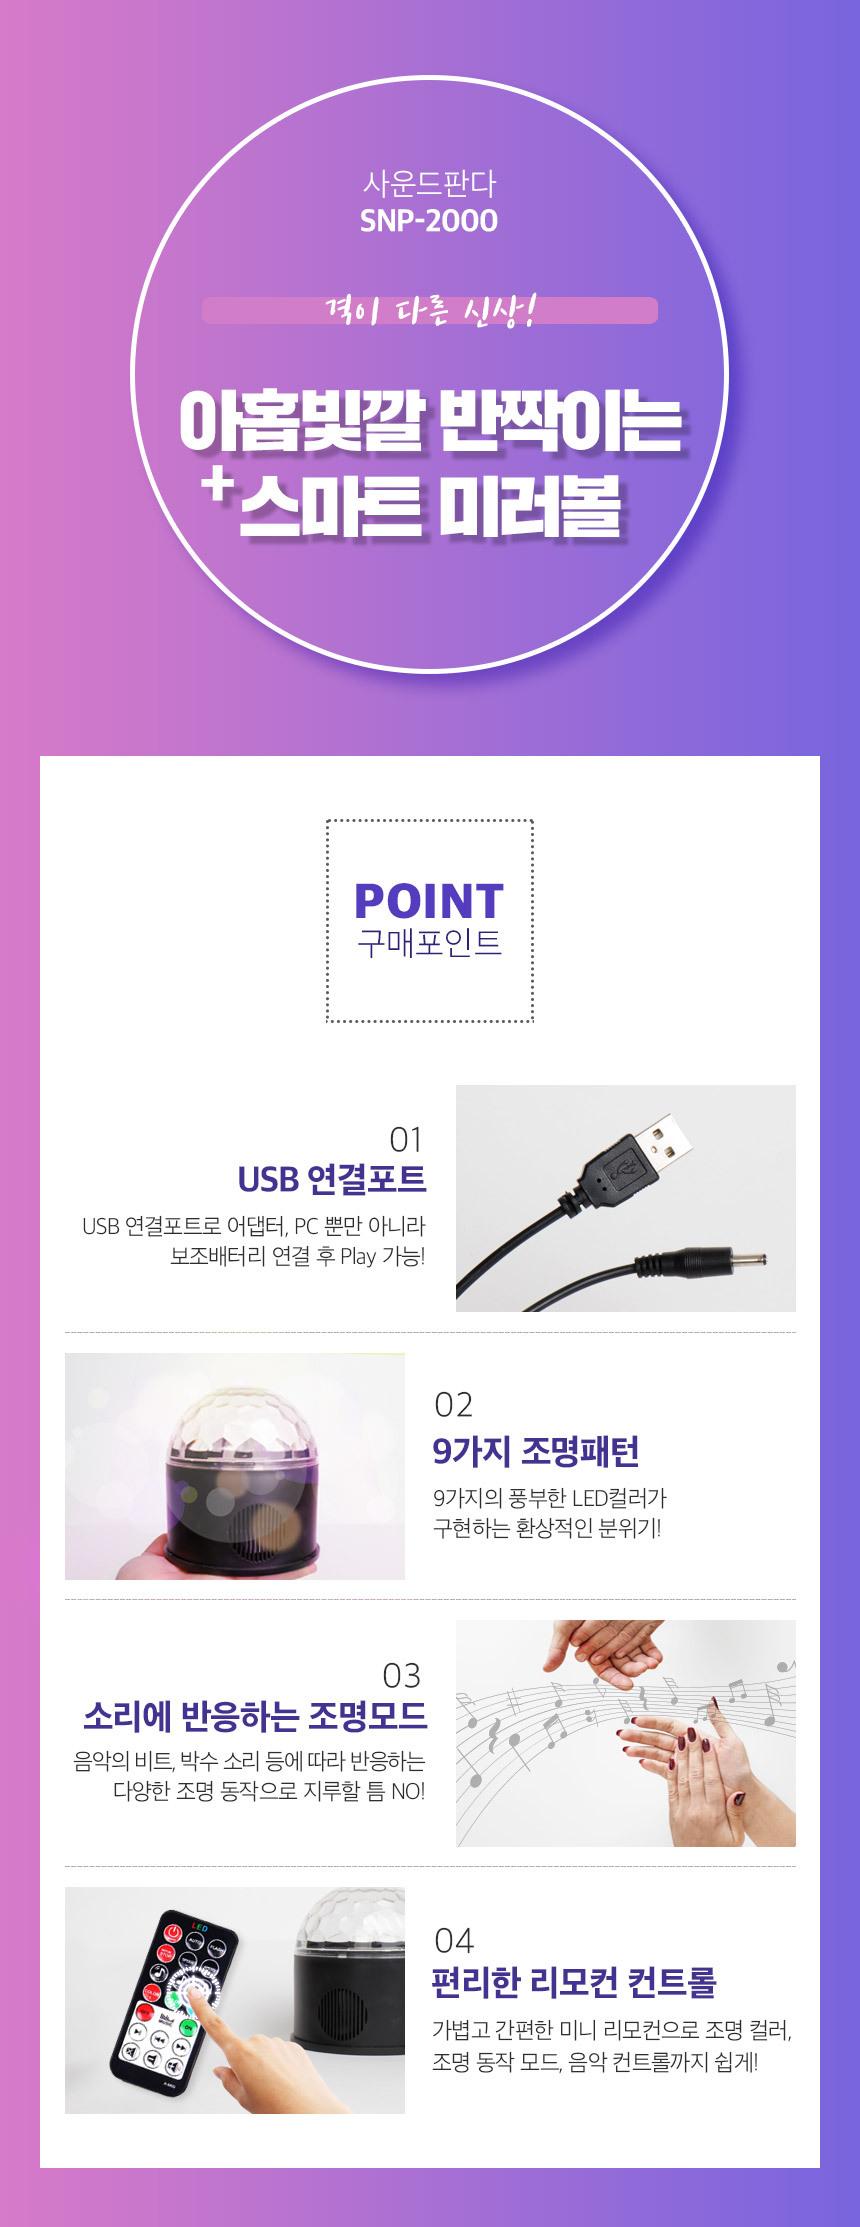 구매 포인트 : USB연결포트, 9가지조명패턴,소리에반응하는조명모드, 편리한리모컨컨트롤